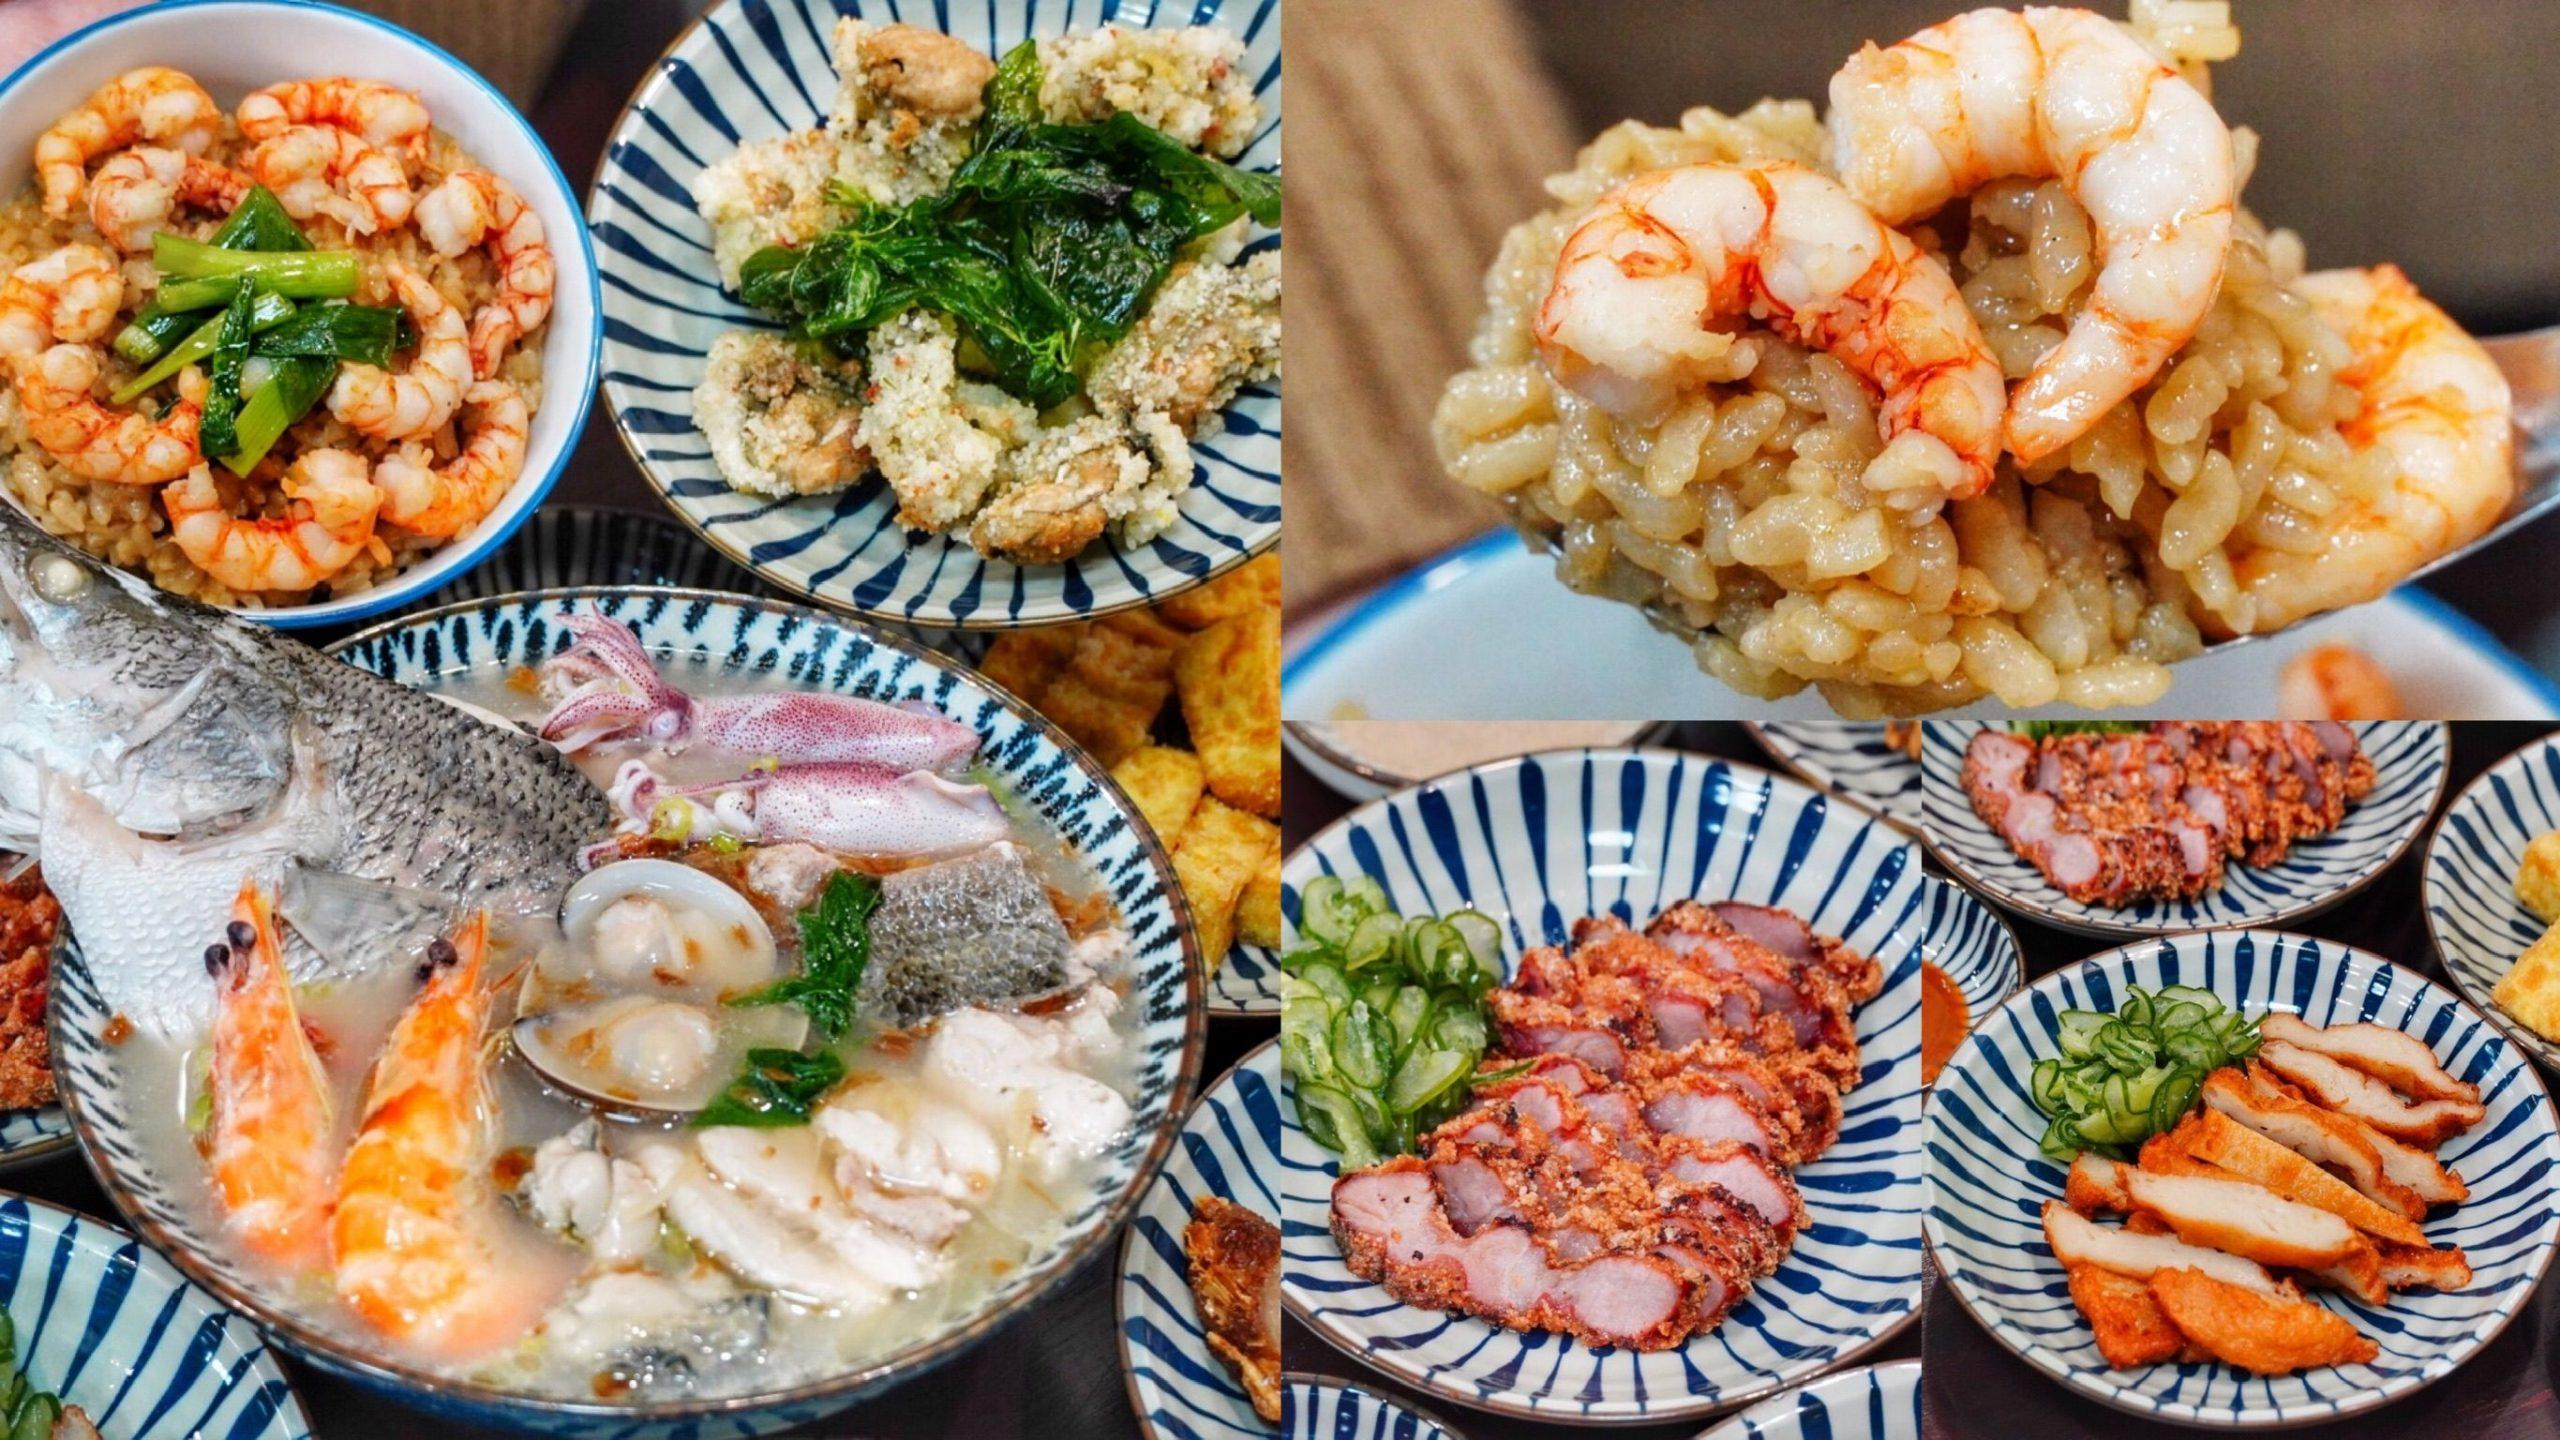 【台北美食】台北超好吃蝦仁飯就隱藏在巷子「無一物海產粥」被在地人推爆的店!必吃澎湃海鮮粥 限量菜單晚來就吃不到